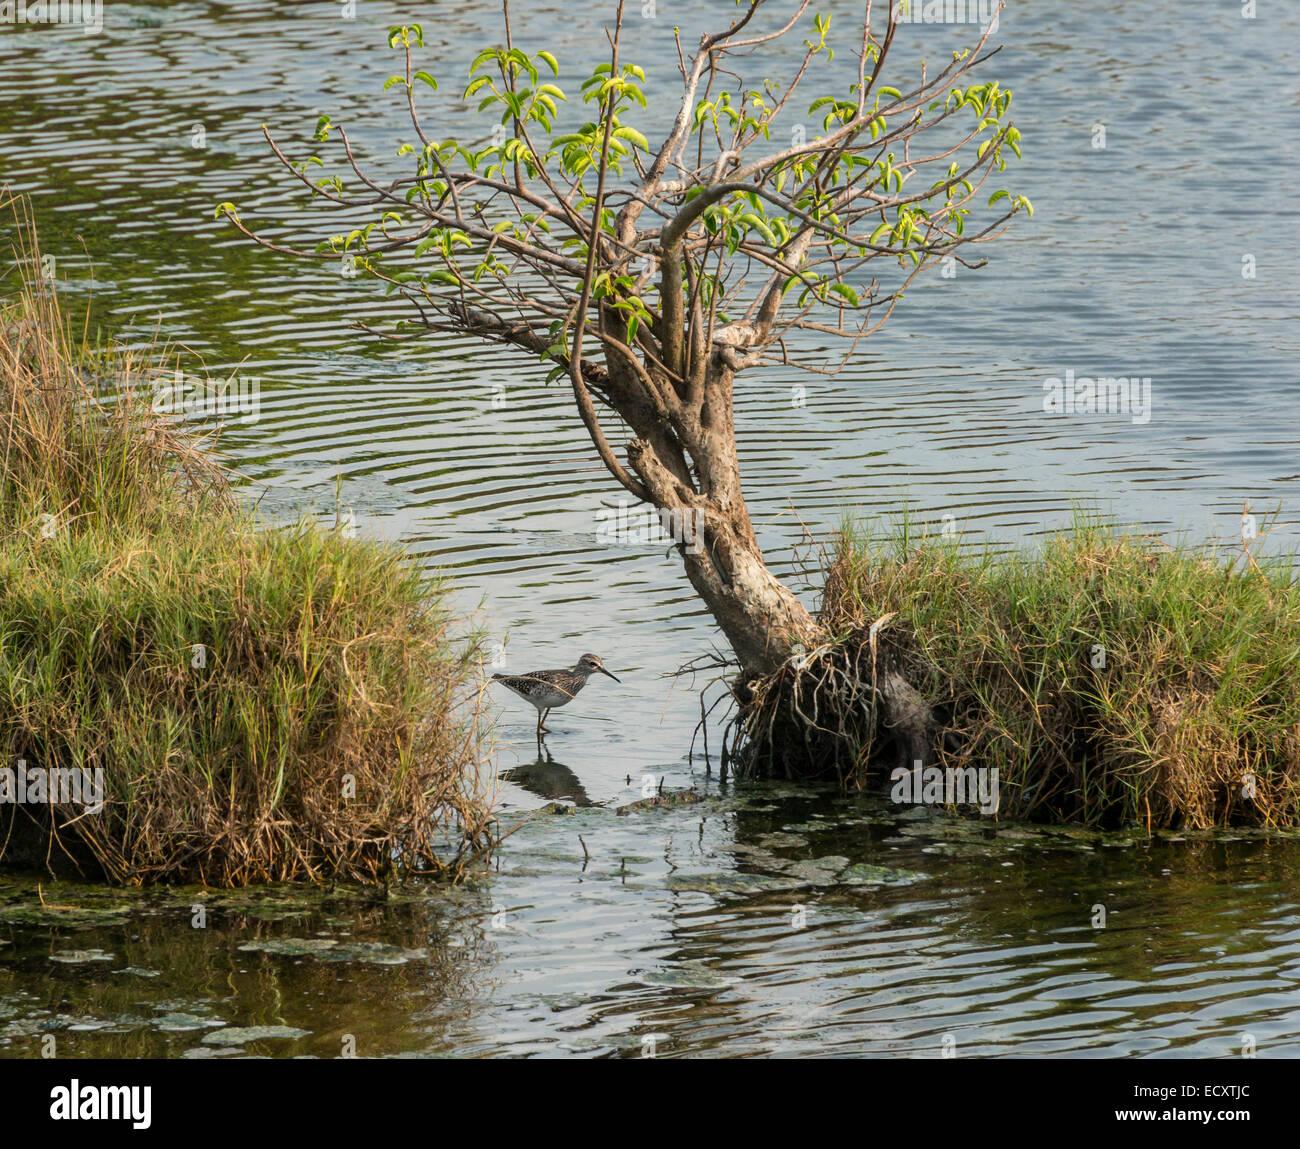 Kerala, India - Cochin. Sanpiper in Puthuvype wetlands. - Stock Image